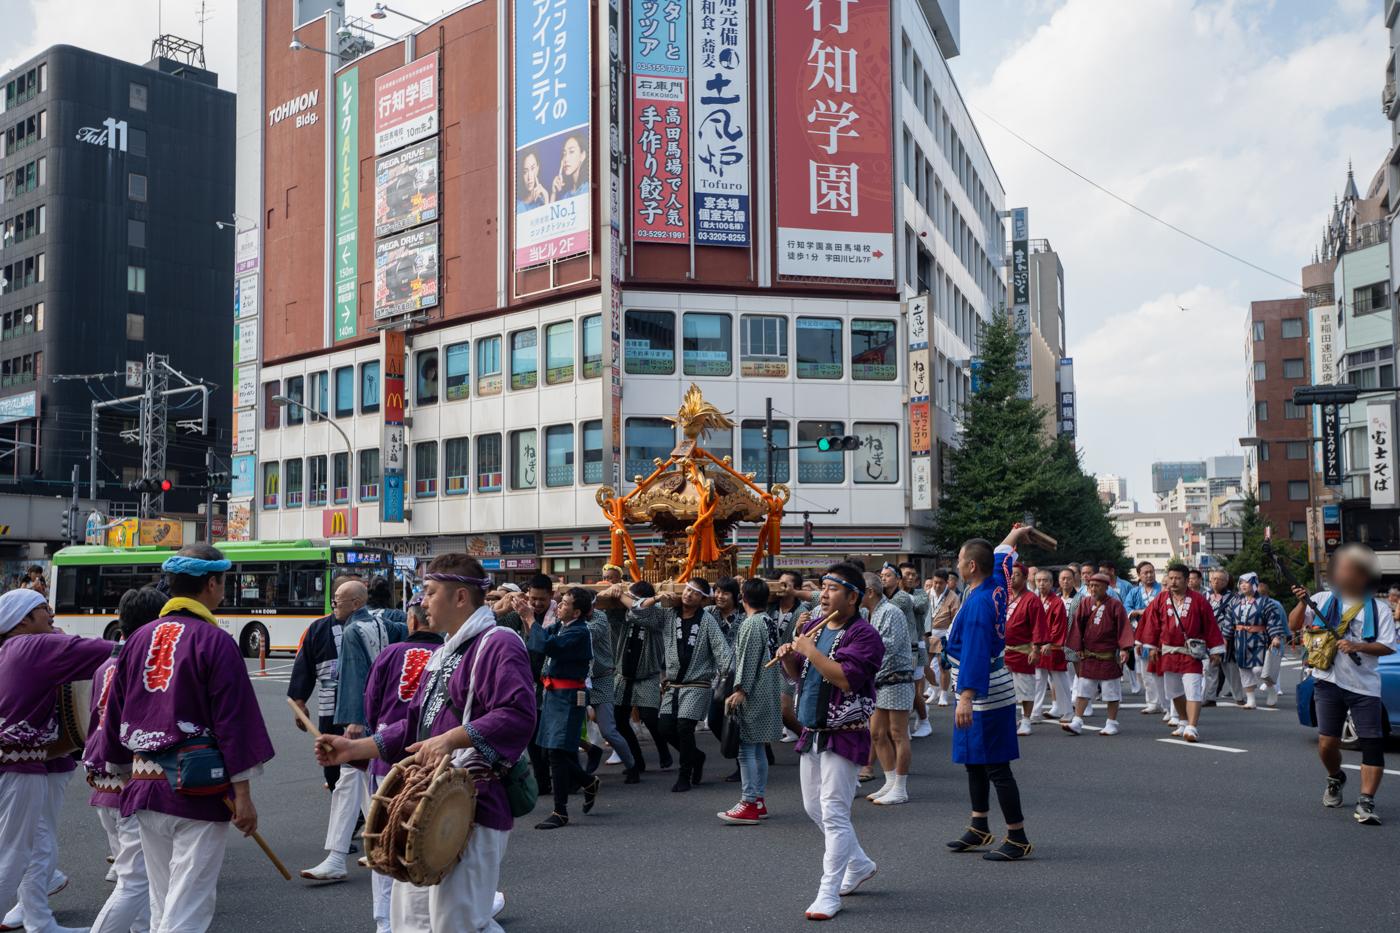 高田馬場で新宿諏訪神社例大祭の神輿を見てきたっ!